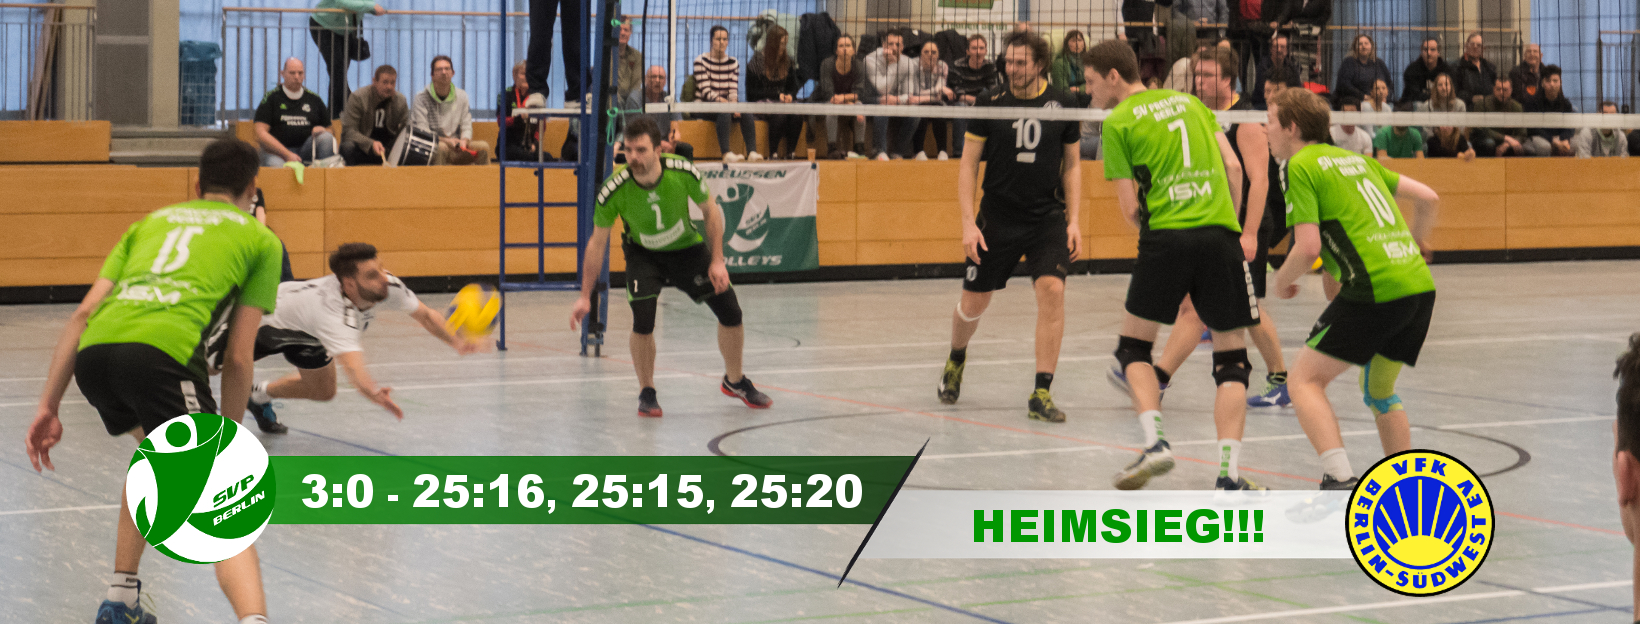 16. Spieltag gegen den VfK Südwest Berlin